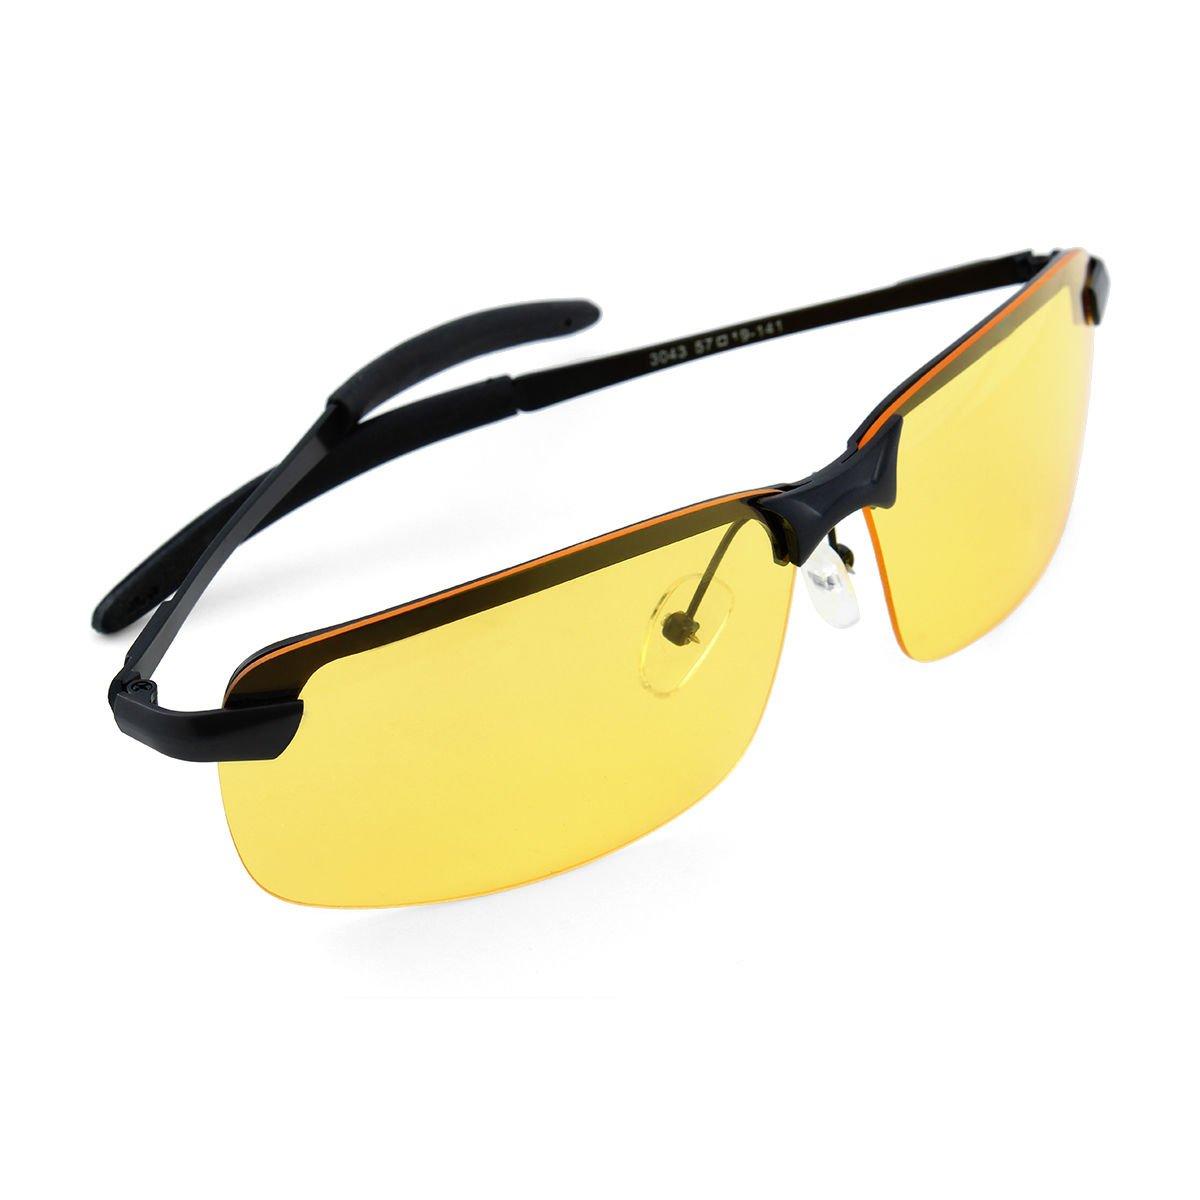 Smart guida notturna soluzione anti glare Vision HD occhiali prevenzione driver occhiali da sole iQV5AgJn9